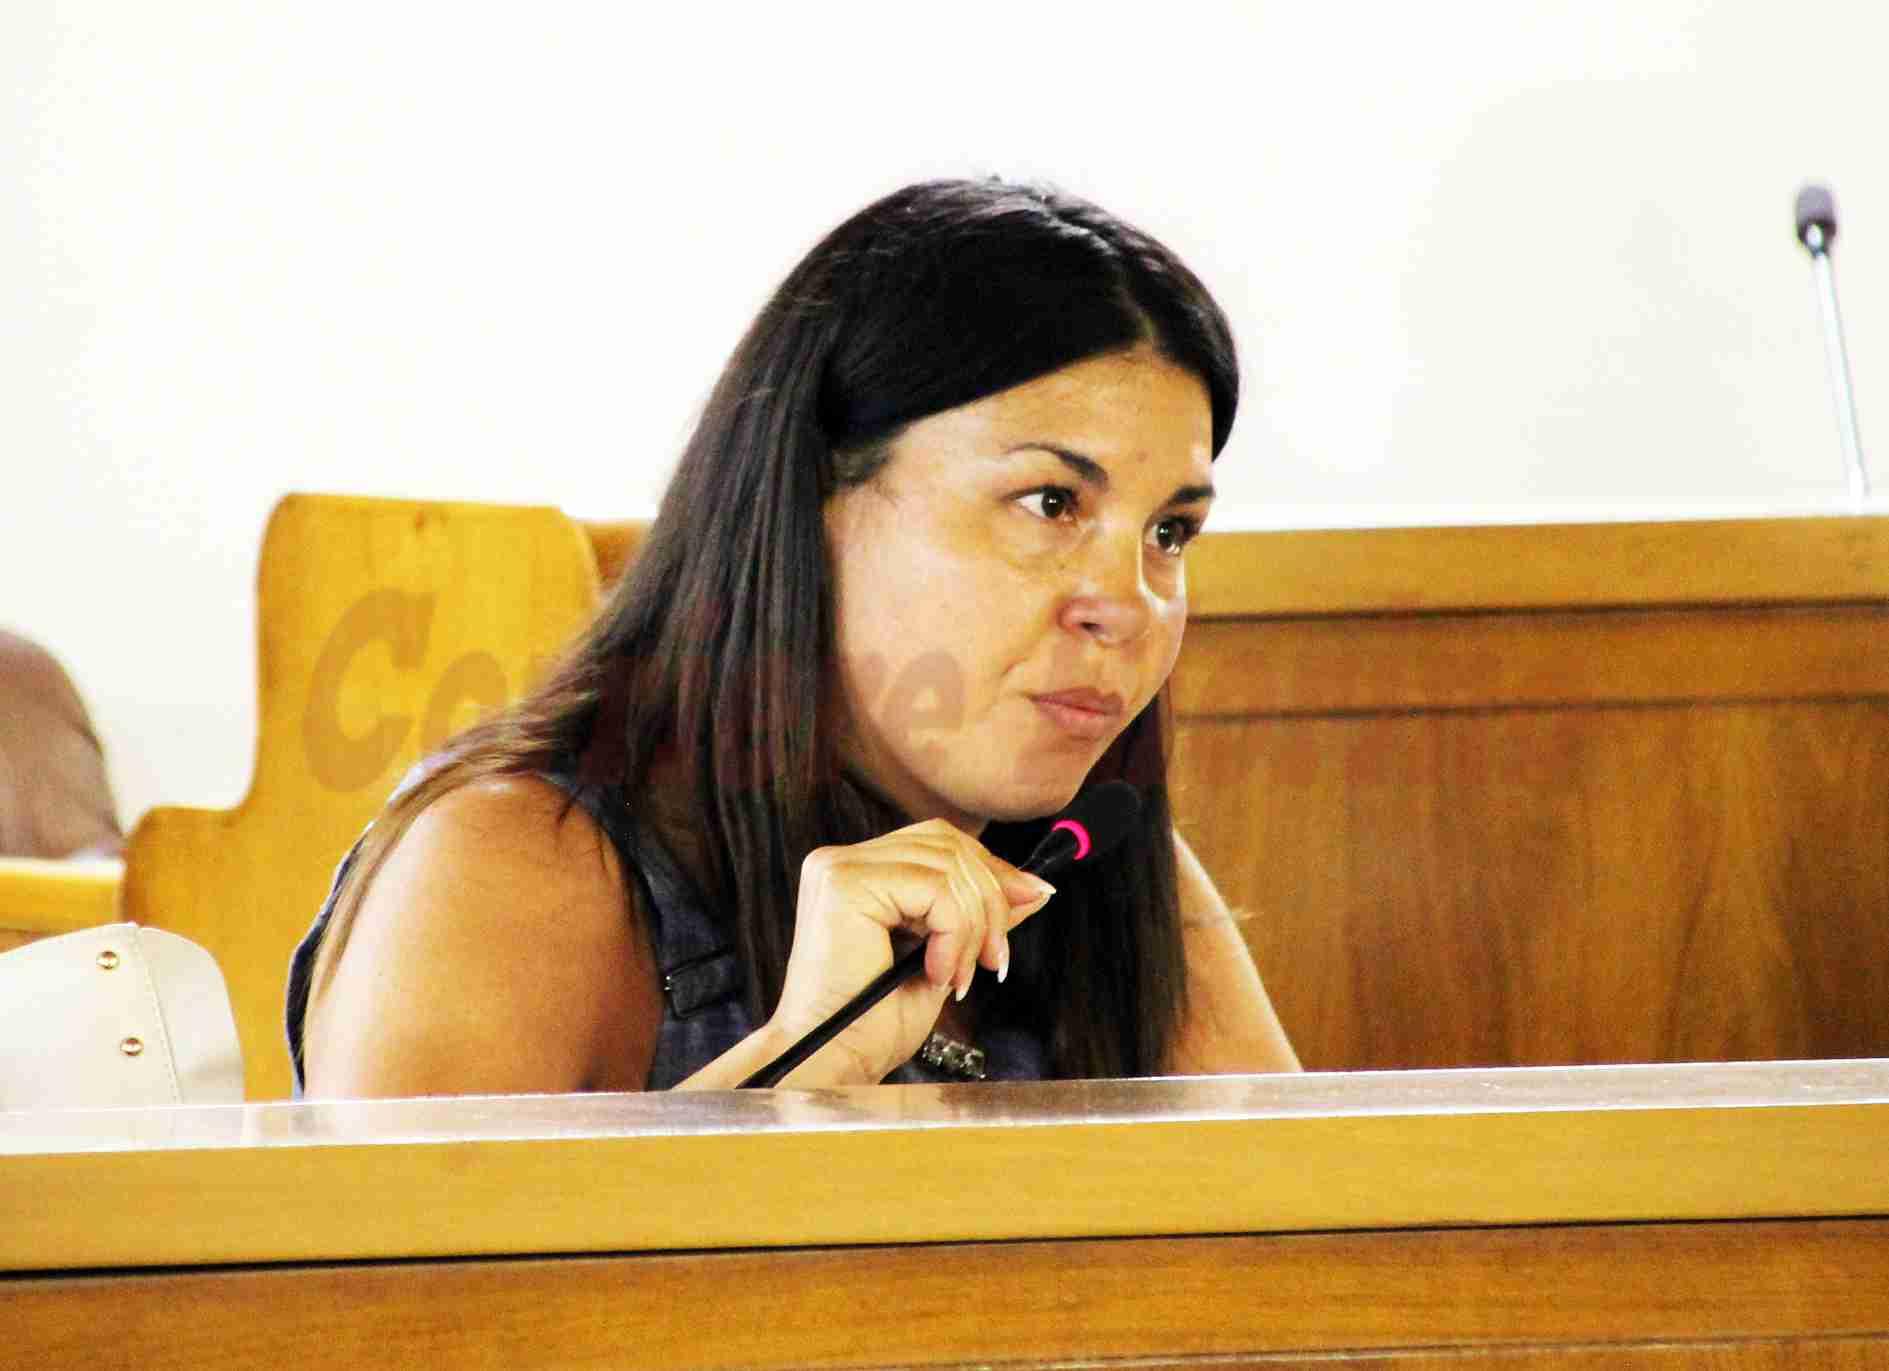 """Consiglio Comunale. Sul rientro in maggioranza, Paola Gambuzza: """"Sarà il tempo a giudicarci, ora siamo per Rosolini e il suo bene"""""""